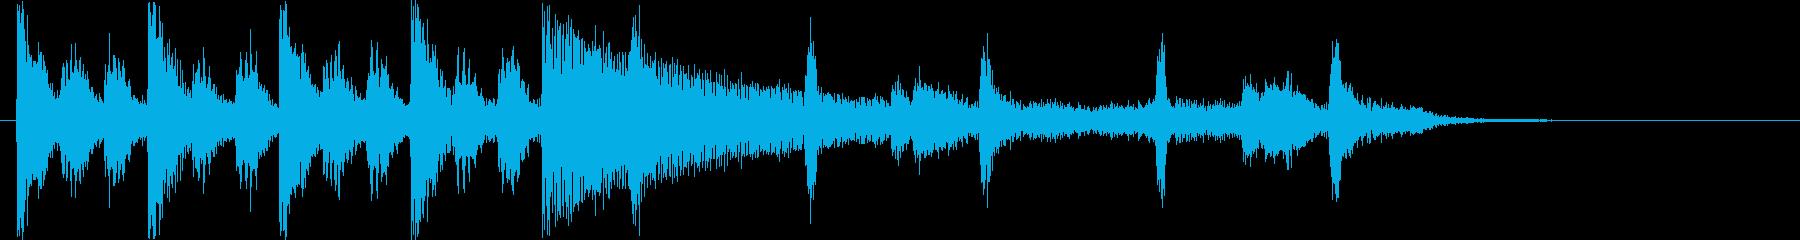 緊張感のあるシンセ・ピアノサウンド短めの再生済みの波形